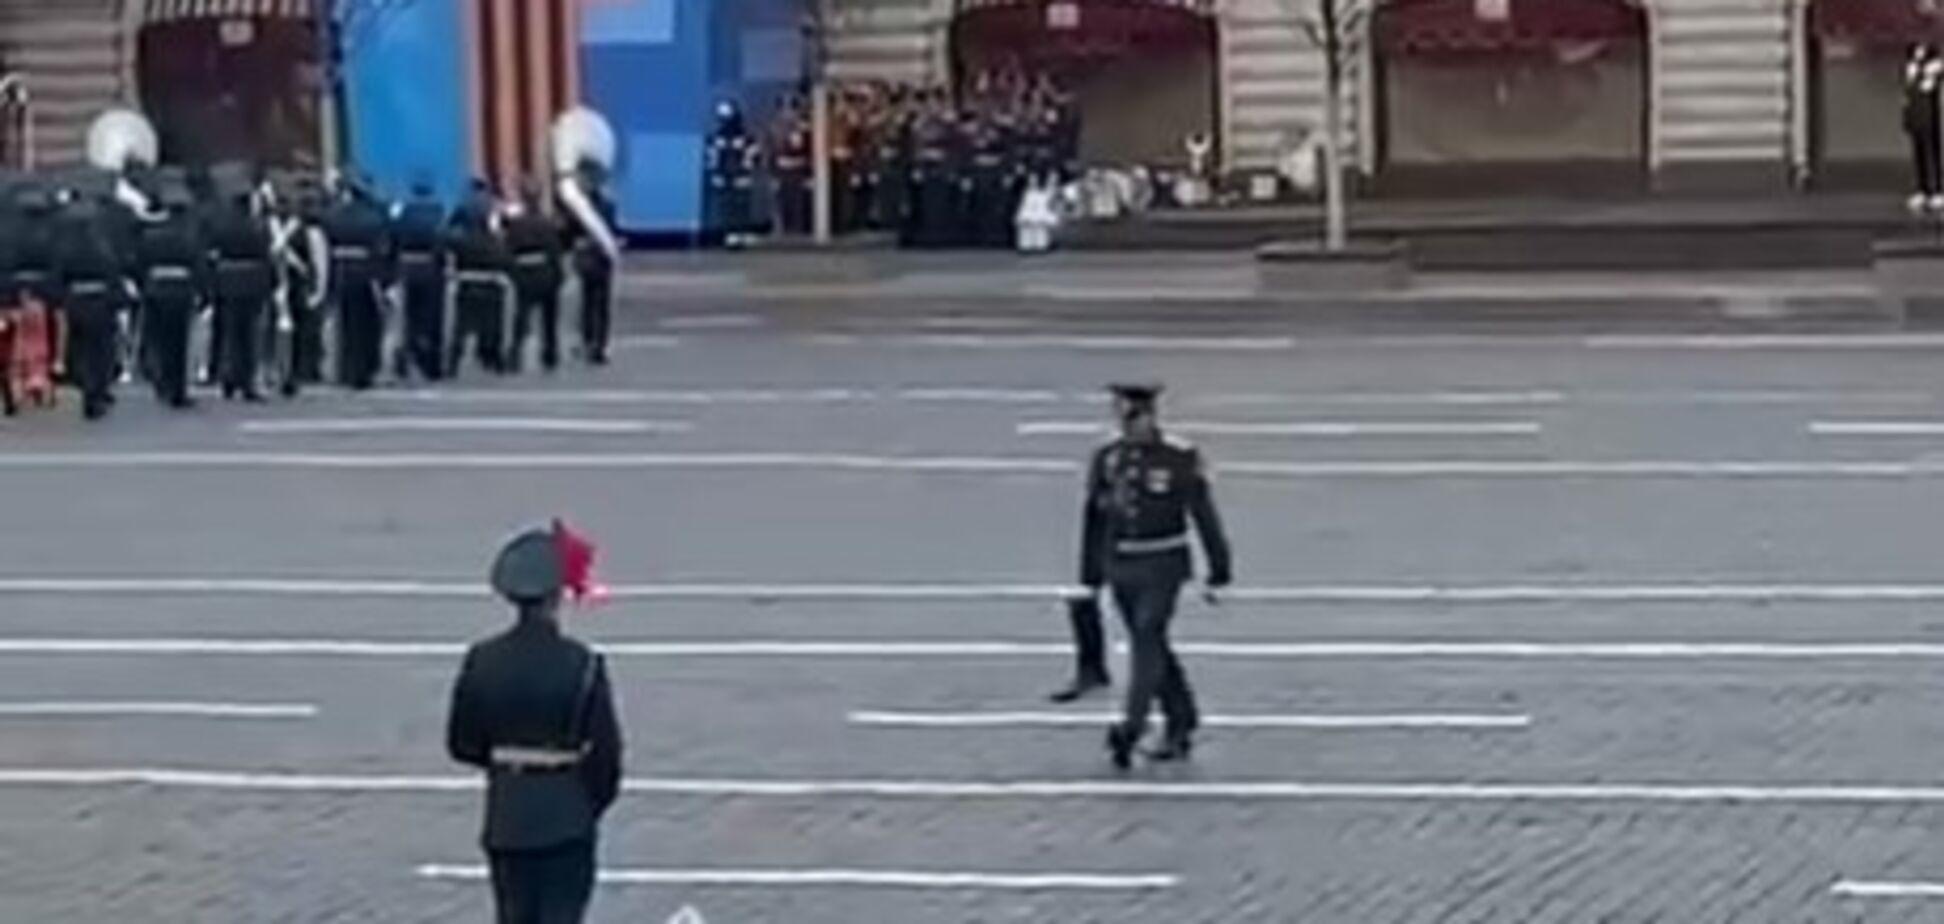 Російський військовий загубив чобіт на Красній площі